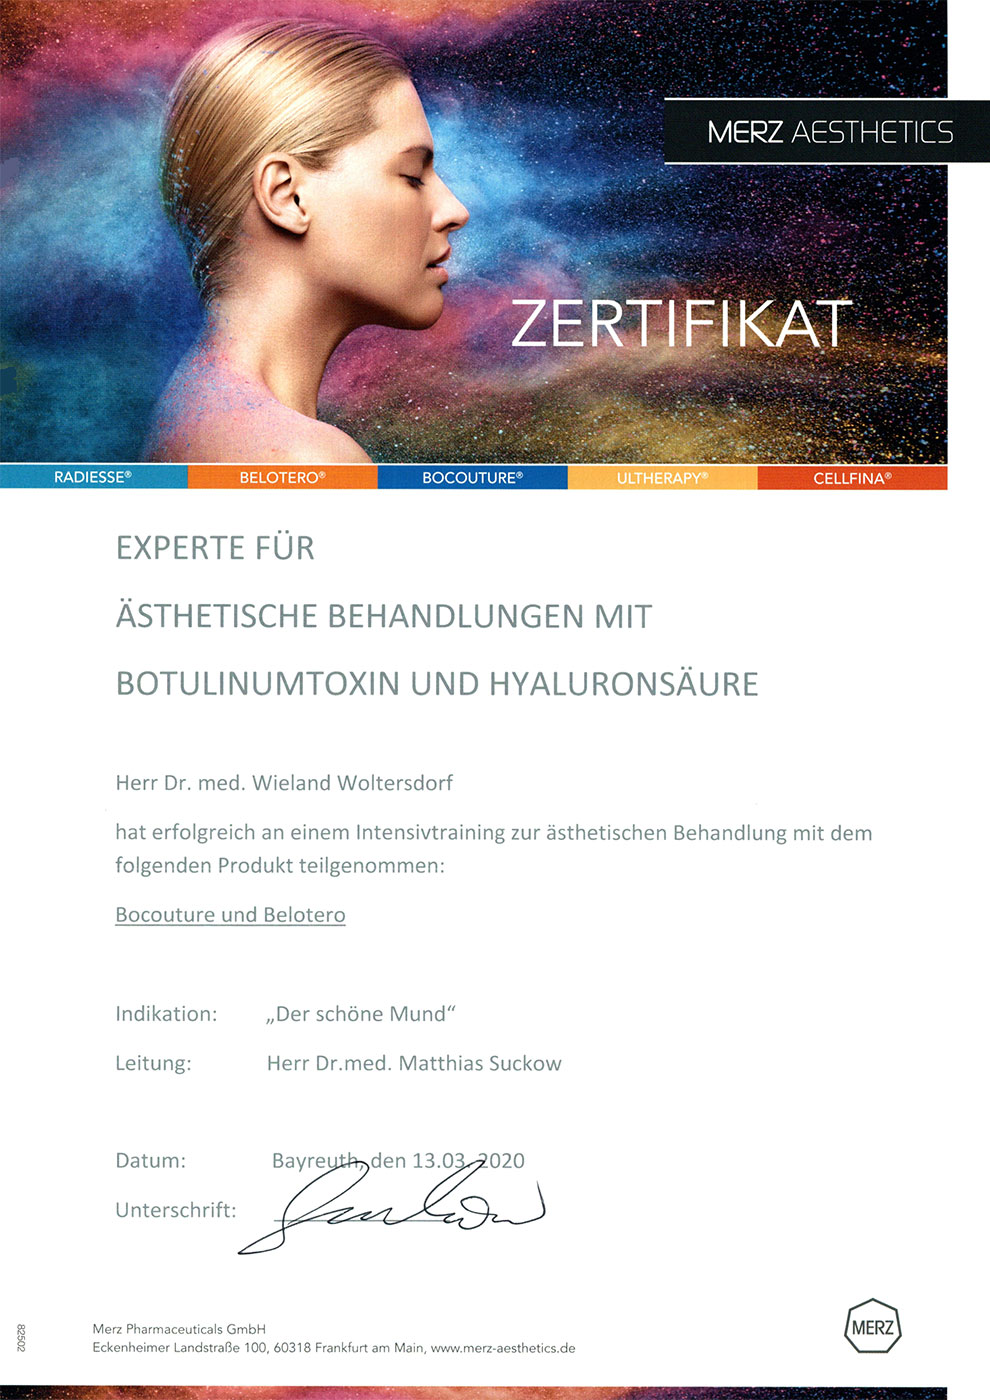 Dr. Woltersdorf: Experte für ästhetische Behandlung mit Botulinumtoxin und Hyaluronsäure (Zertifikat Merz Aesthetics 13.03.2020)